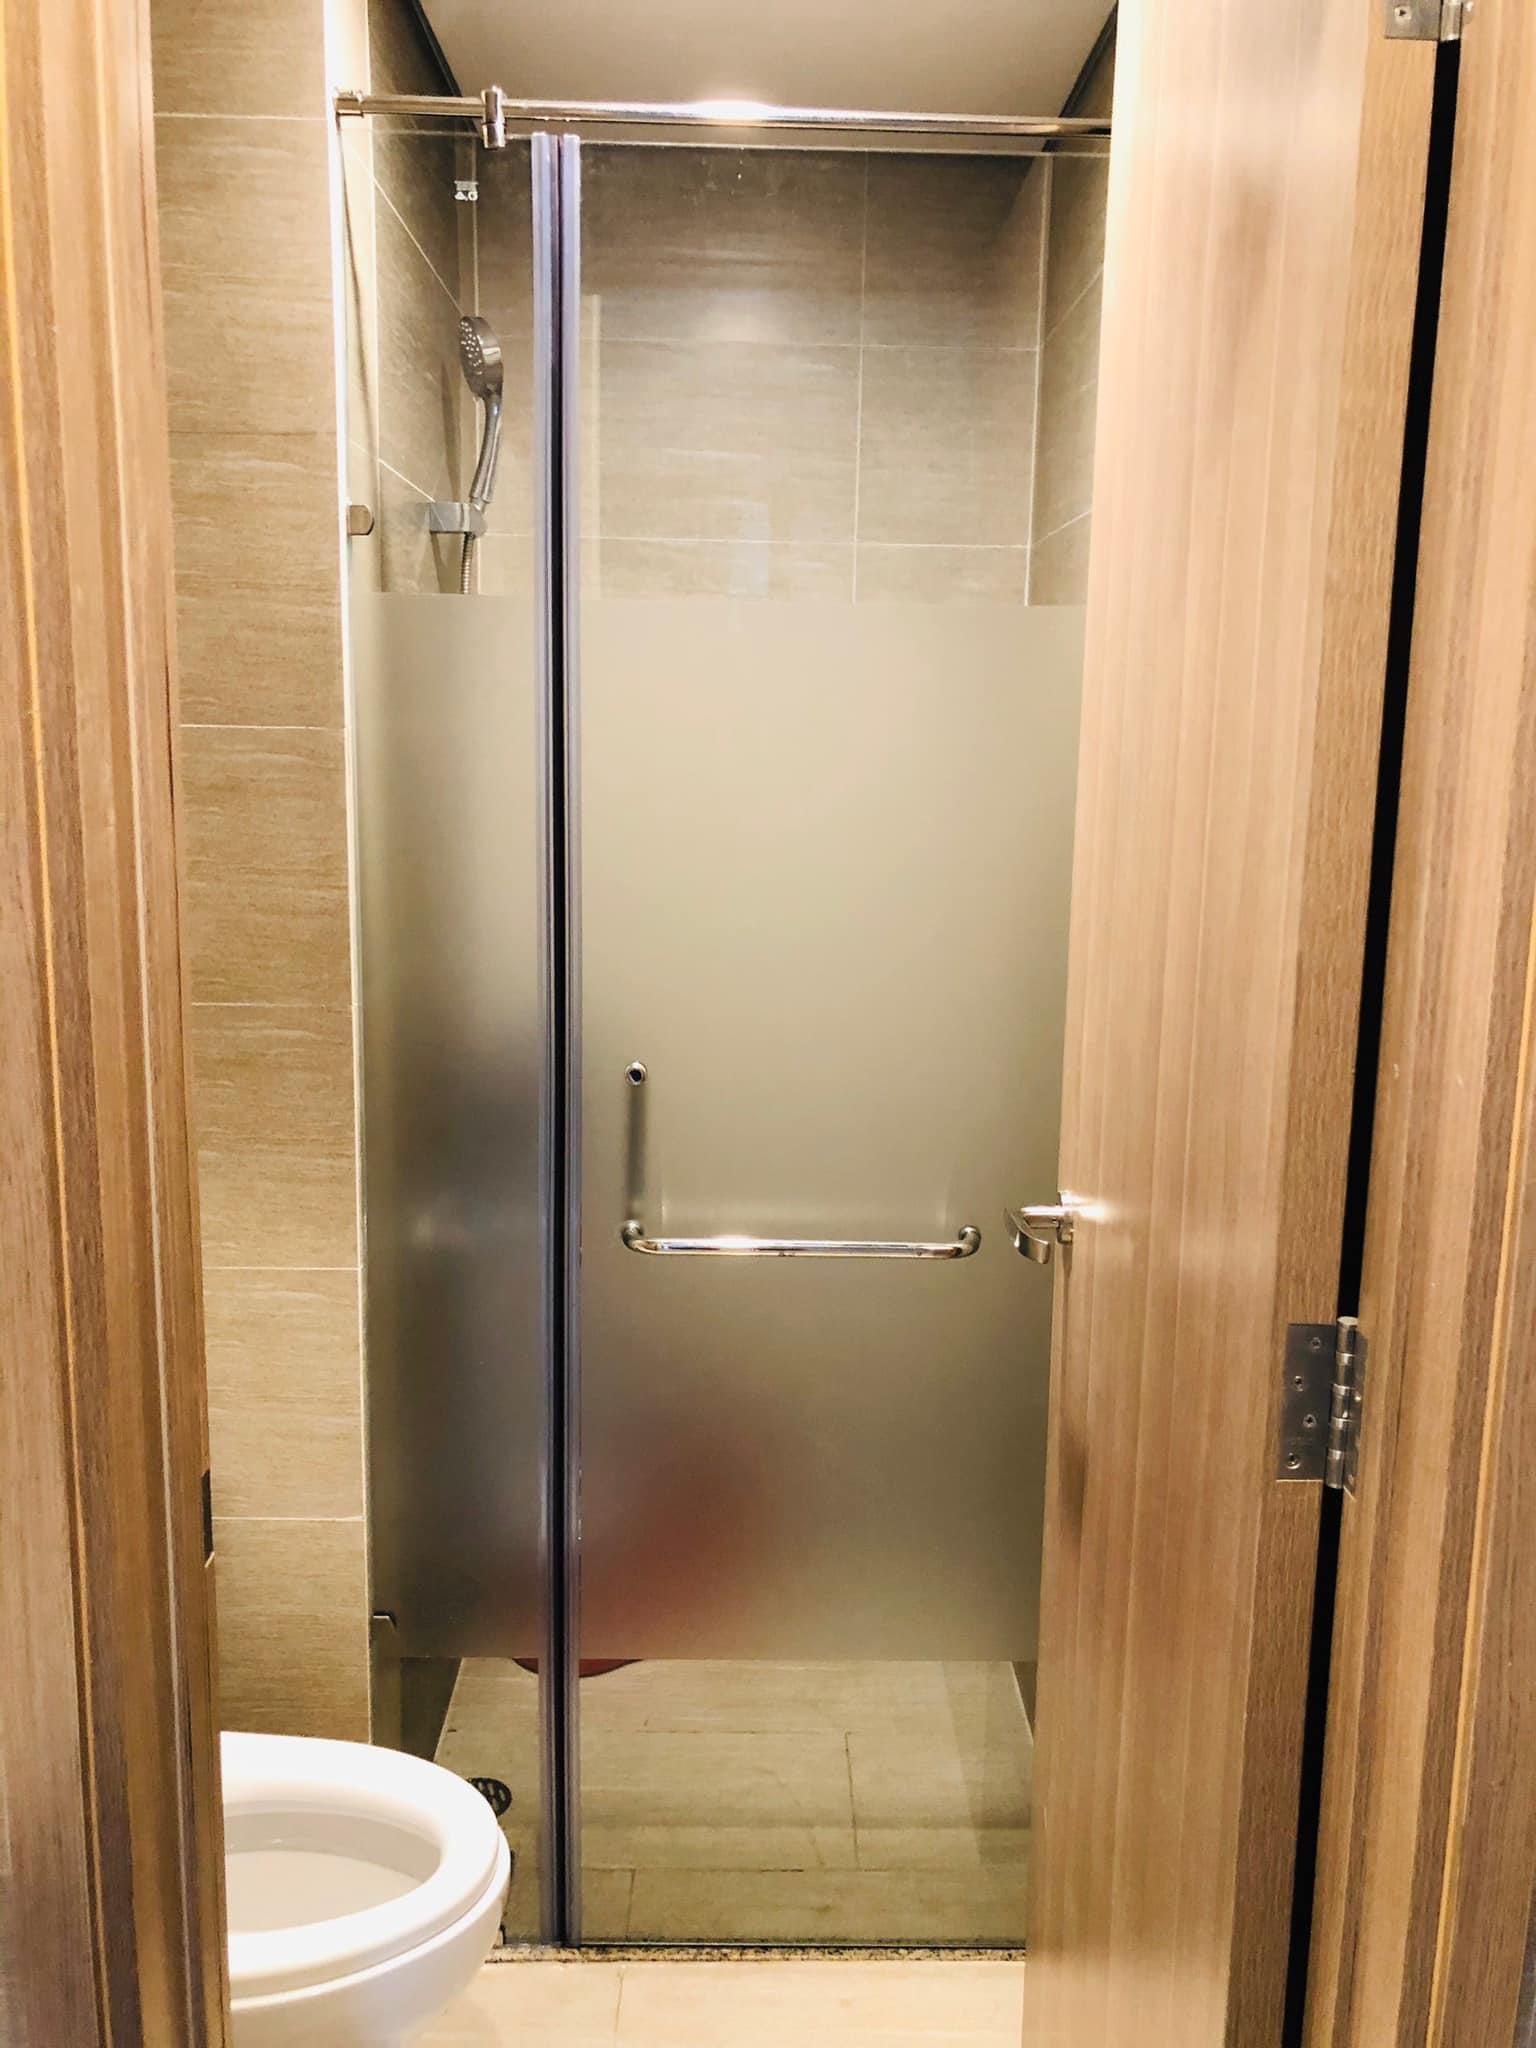 Căn hộ 2 phòng ngủ 1wc tầng 10 S1.02 Vinhomes Grand Park 6tr/tháng 6